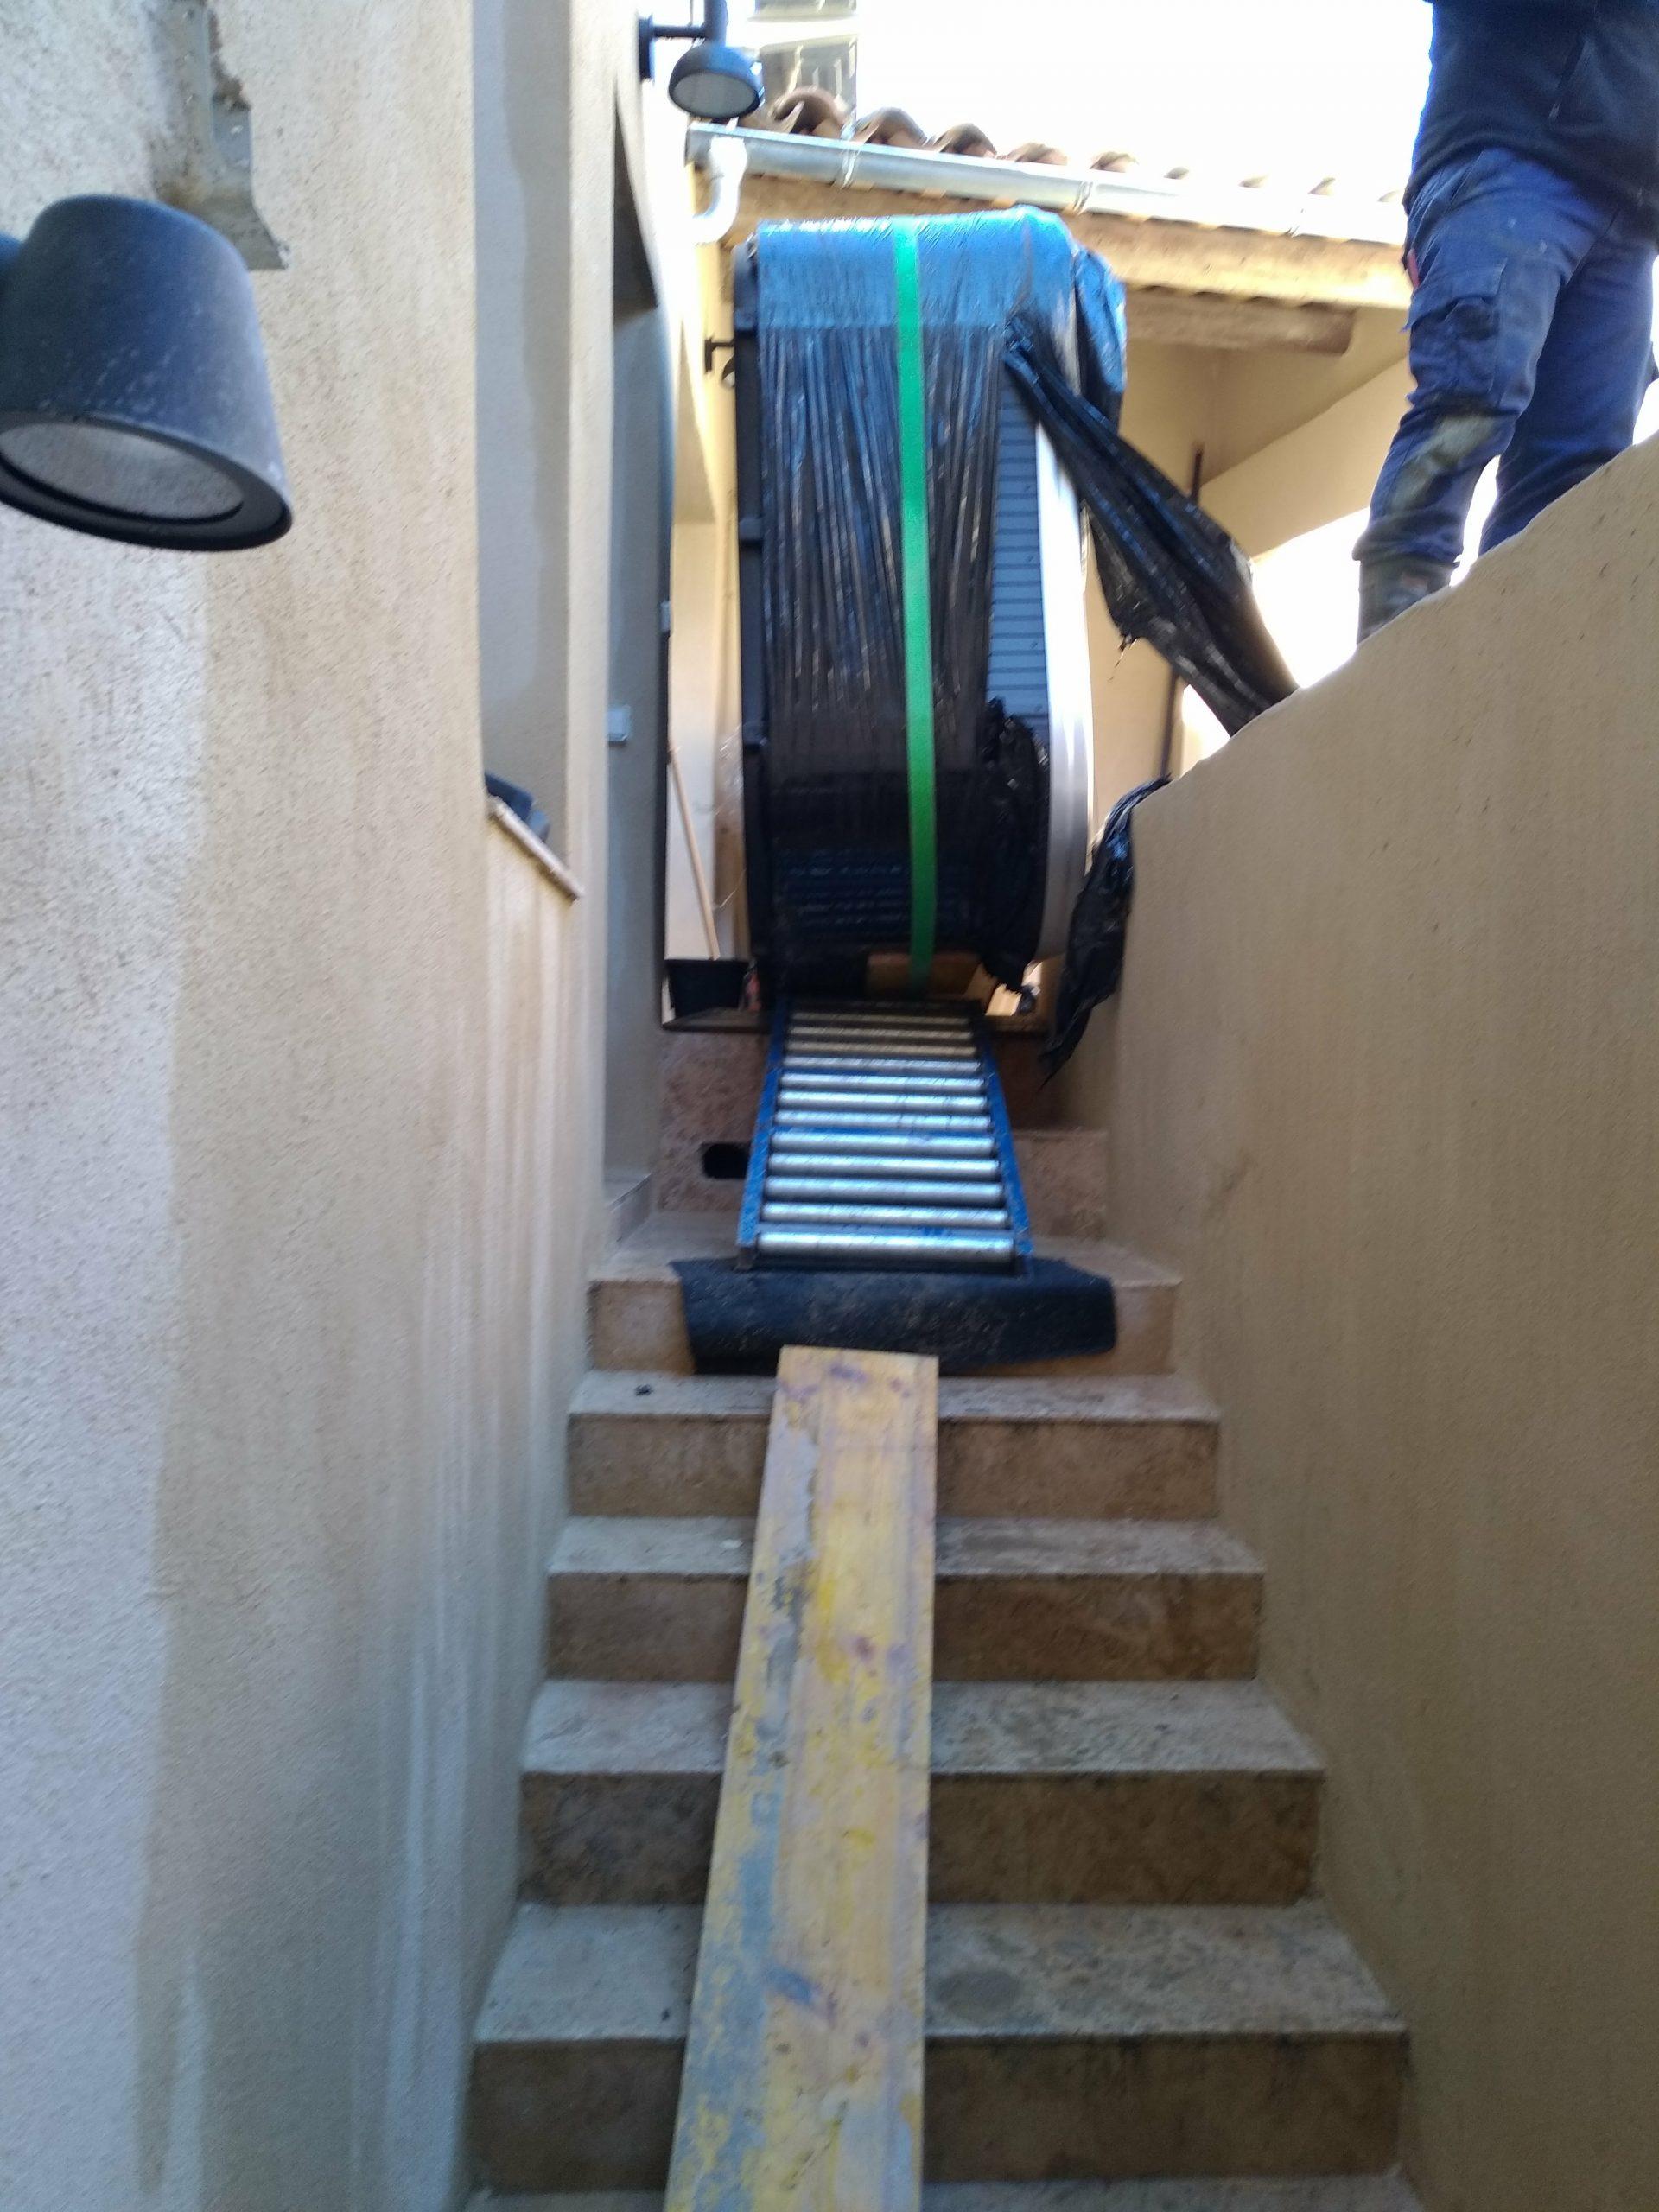 Installation difficile d'un spa dans un passage étroit